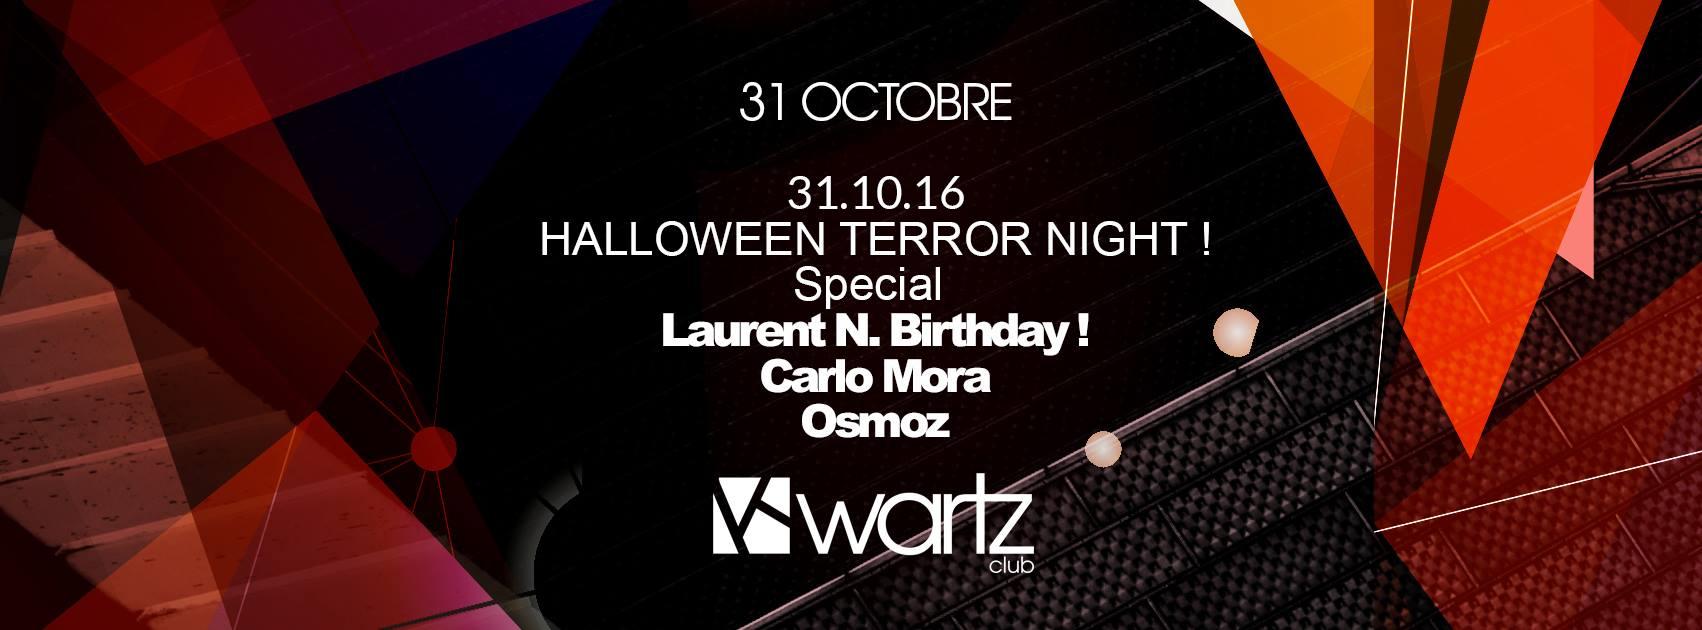 Halloween Terror night